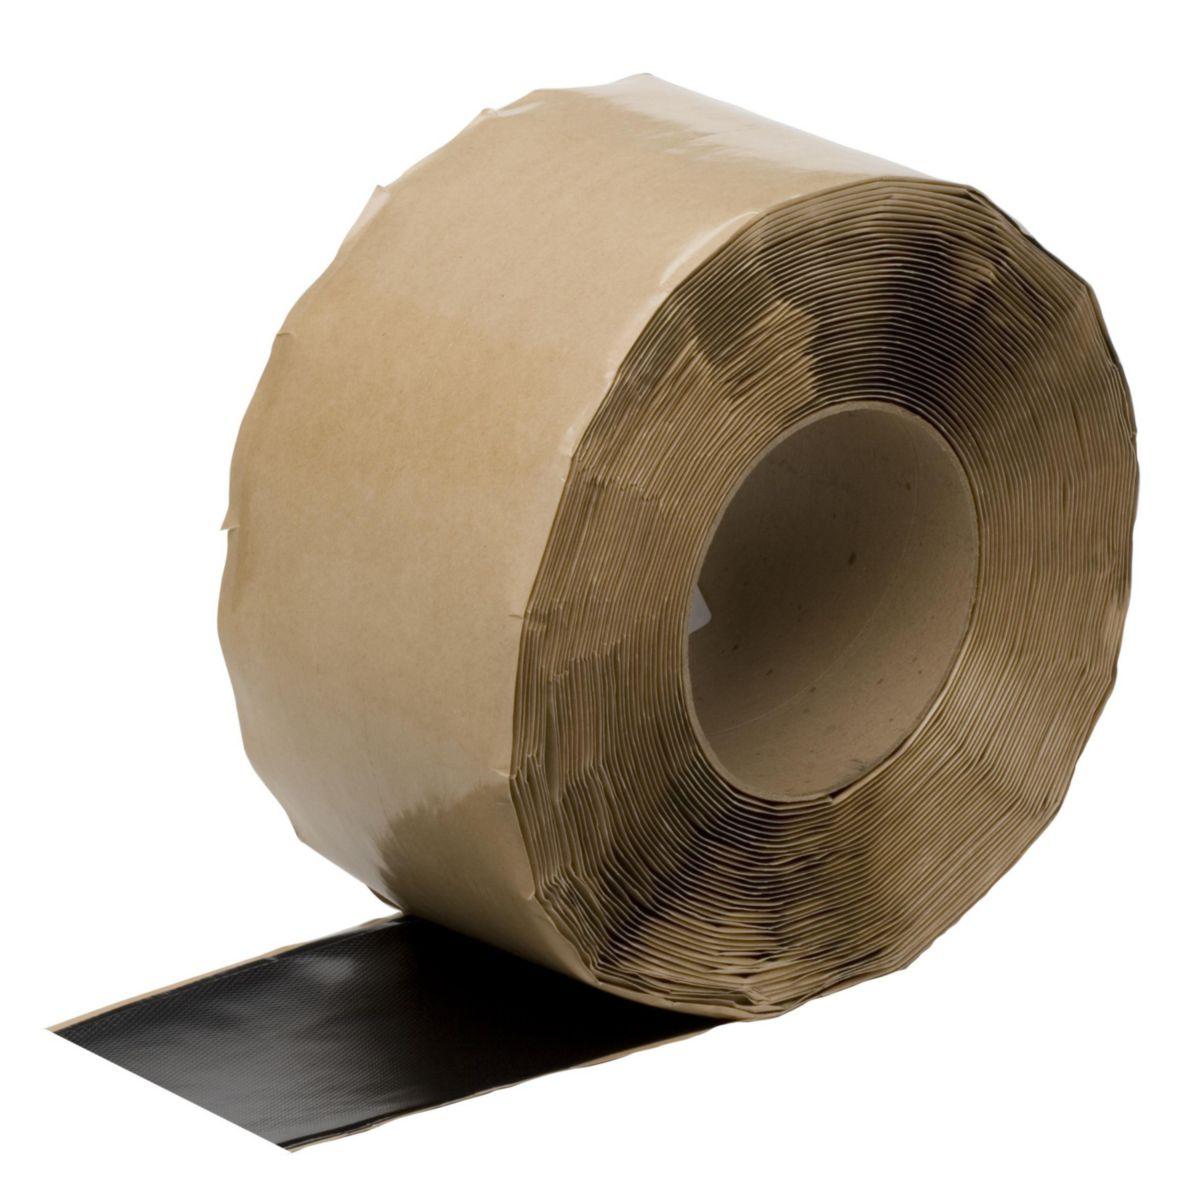 Bande auto-adhesive Rubbercover QS batten cover strip rouleau de 15,24cmx7,62m W56RAC1694